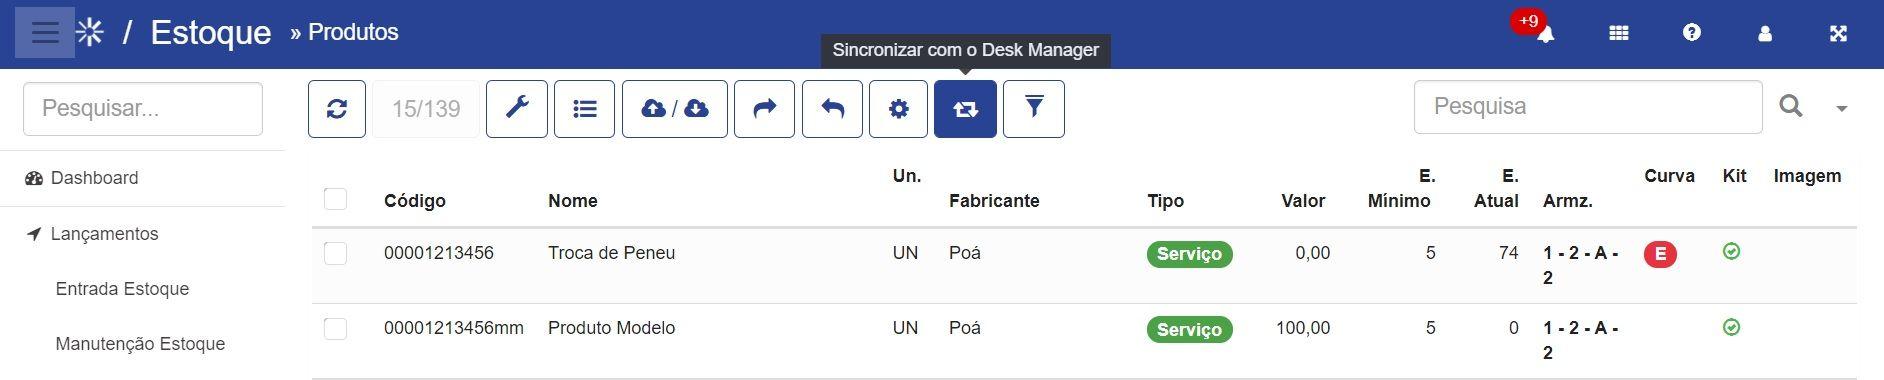 Desk-Sincronizacao